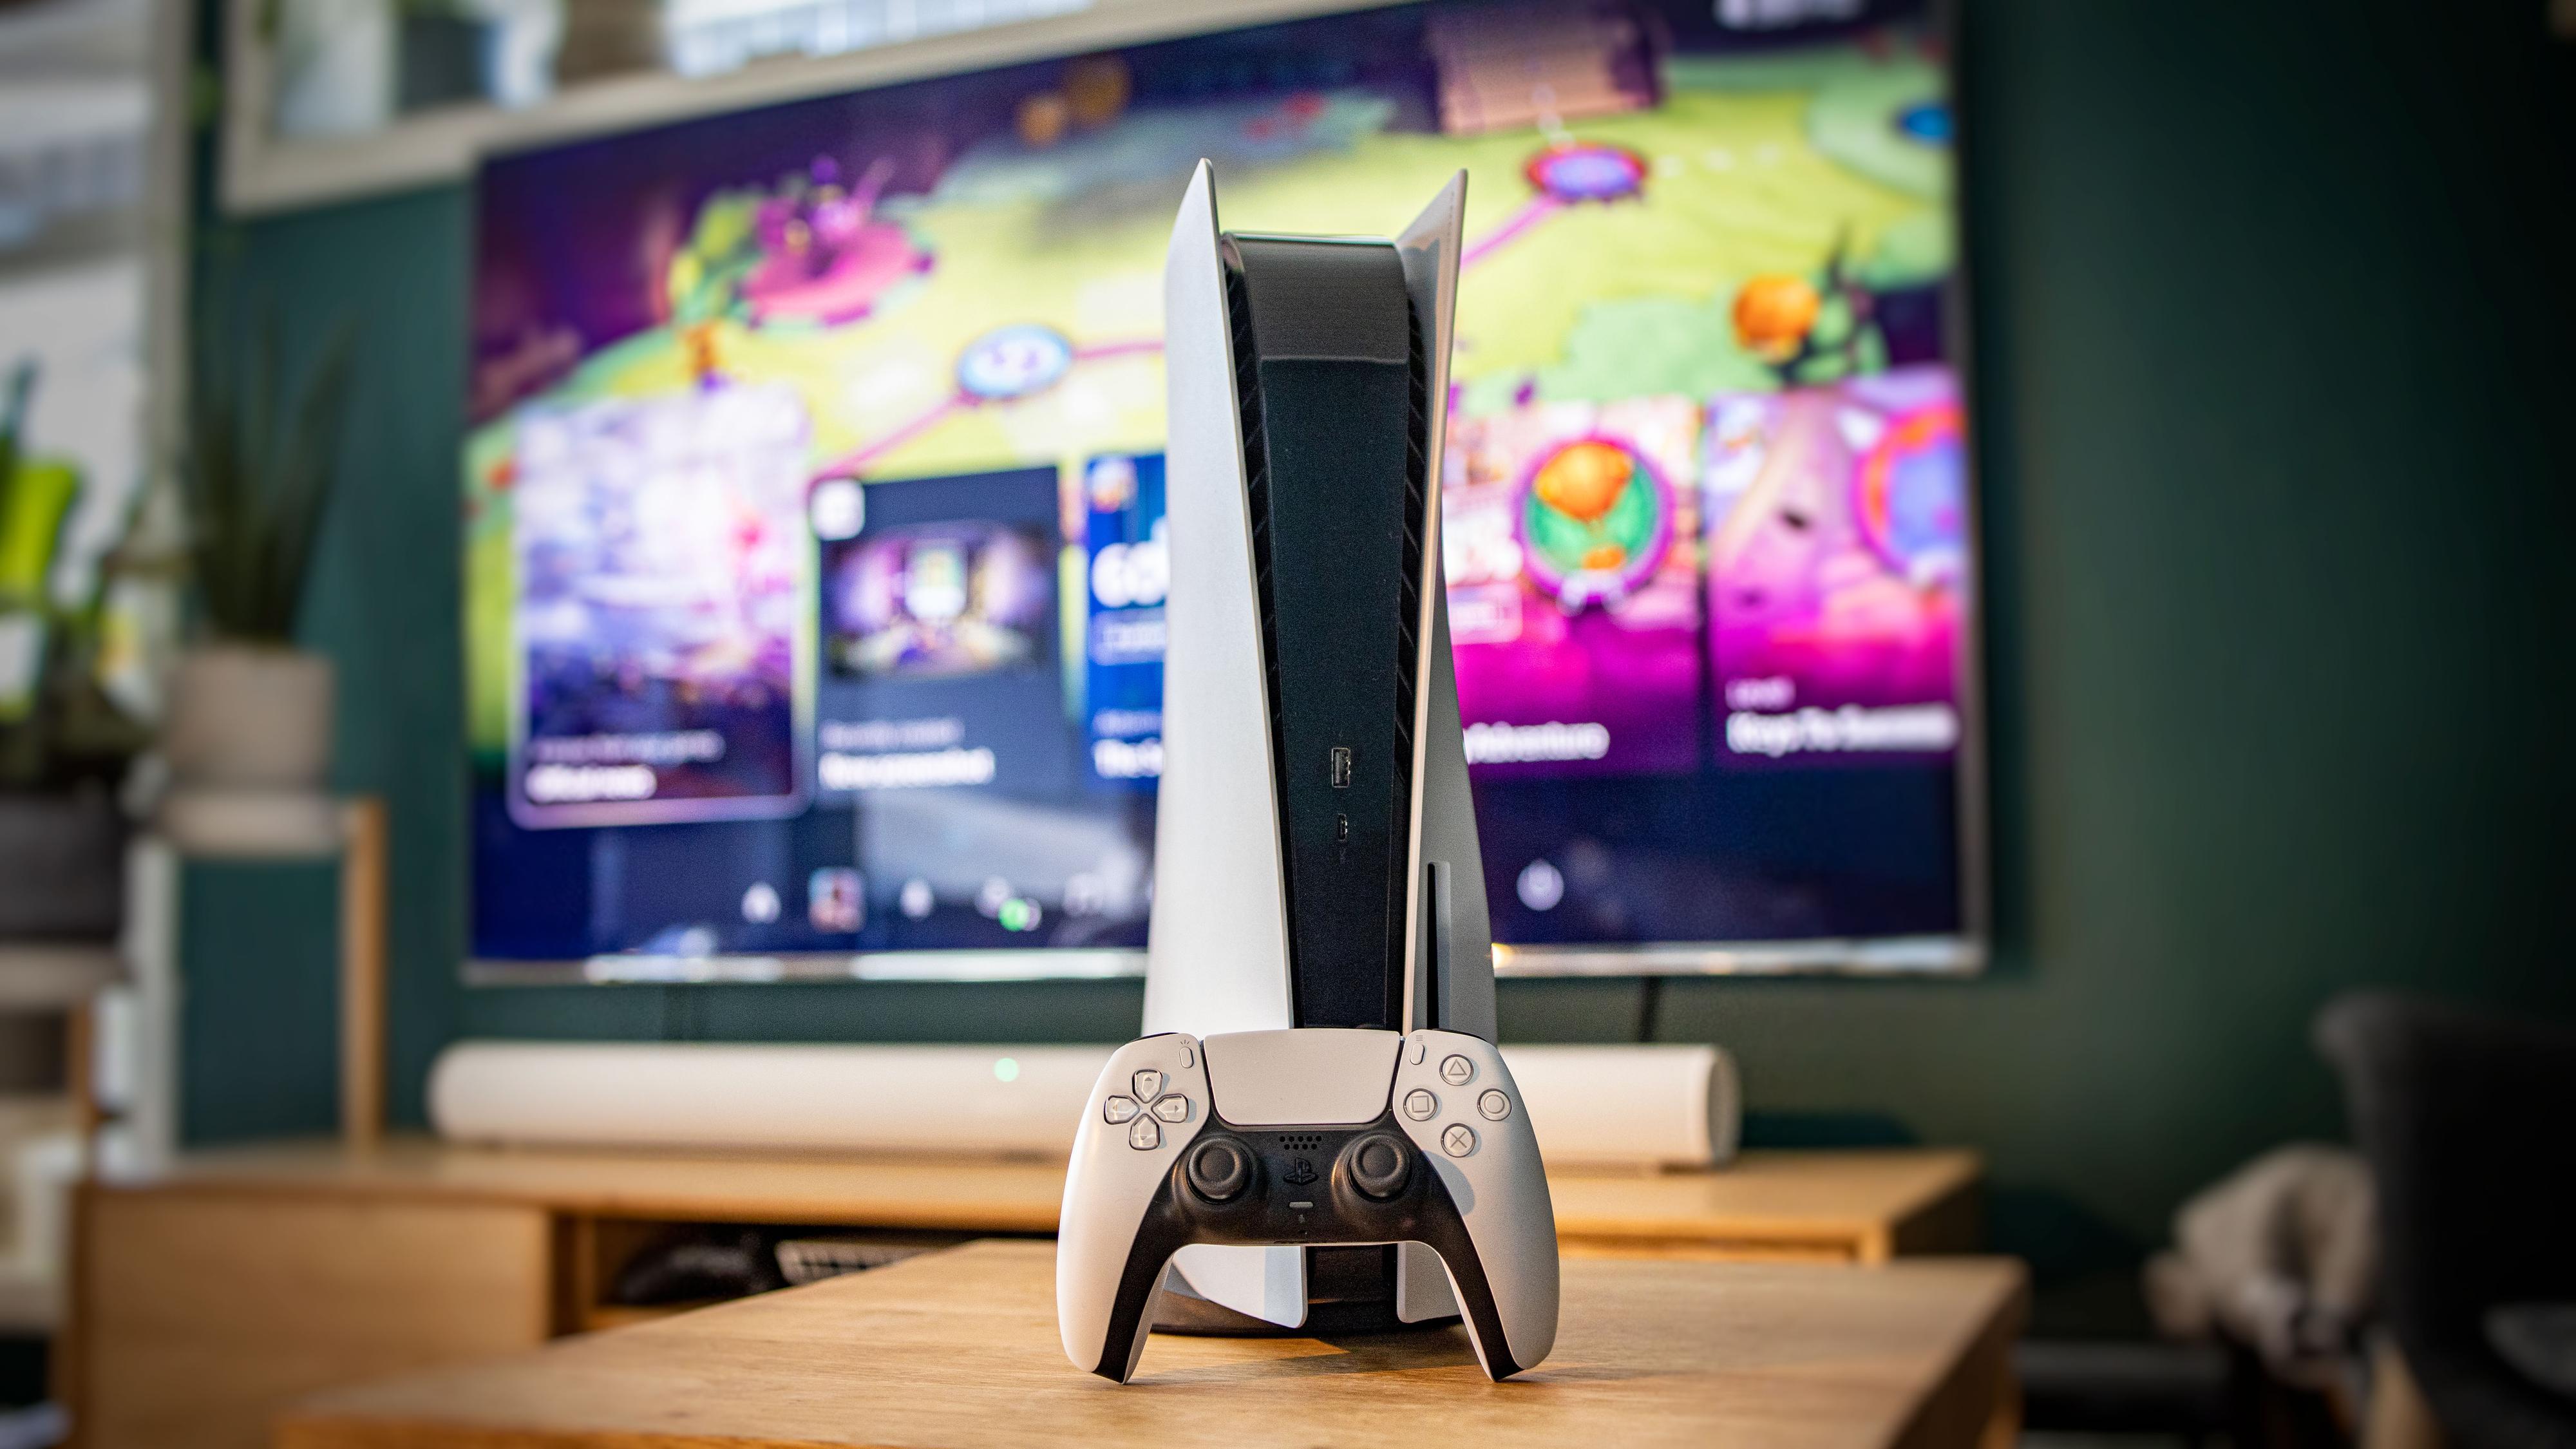 Ettertraktet: Mange vil ha en PlayStation 5, men den vil etter alt å dømme ikke bli så enkel å få tak i.